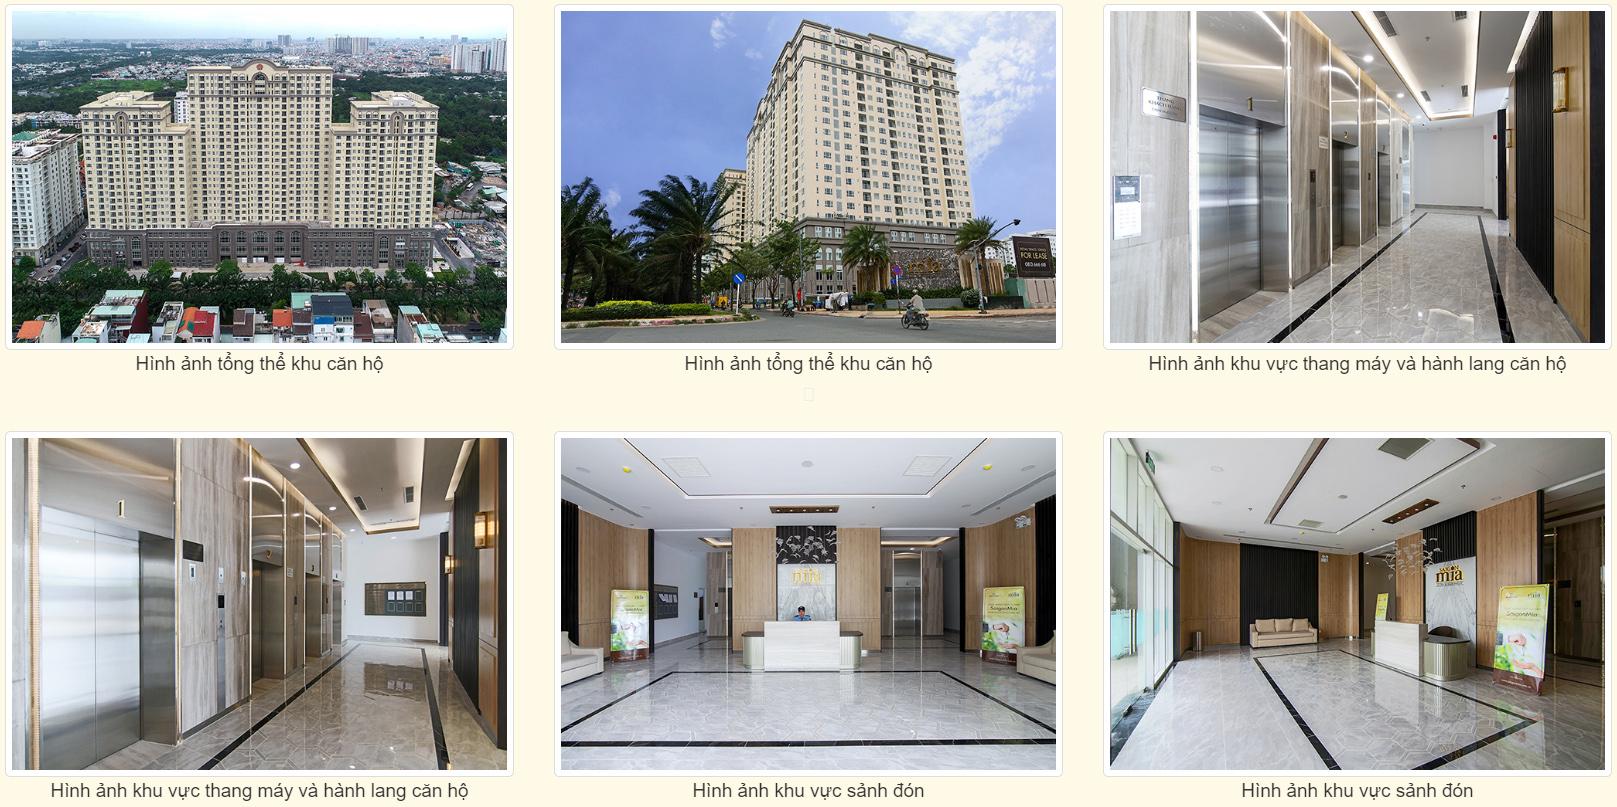 Bảng giá cho thuê căn hộ chung cư Saigon Mia